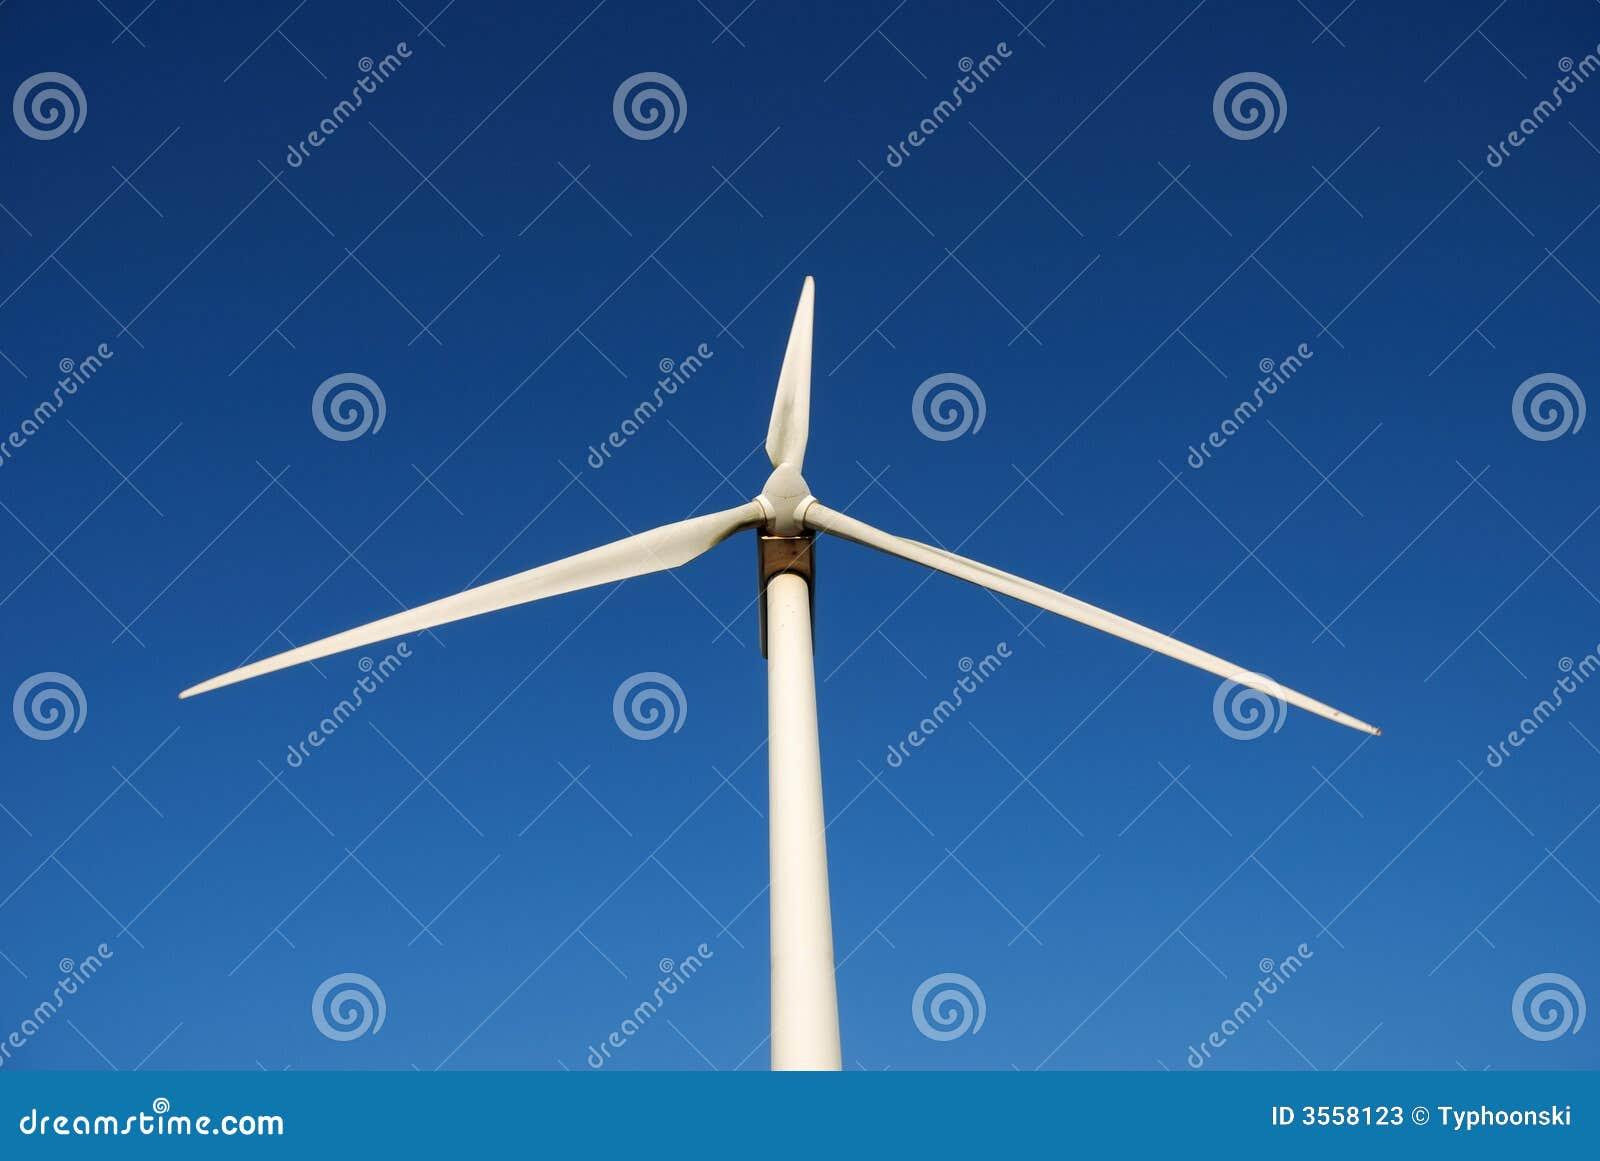 Turbina di vento